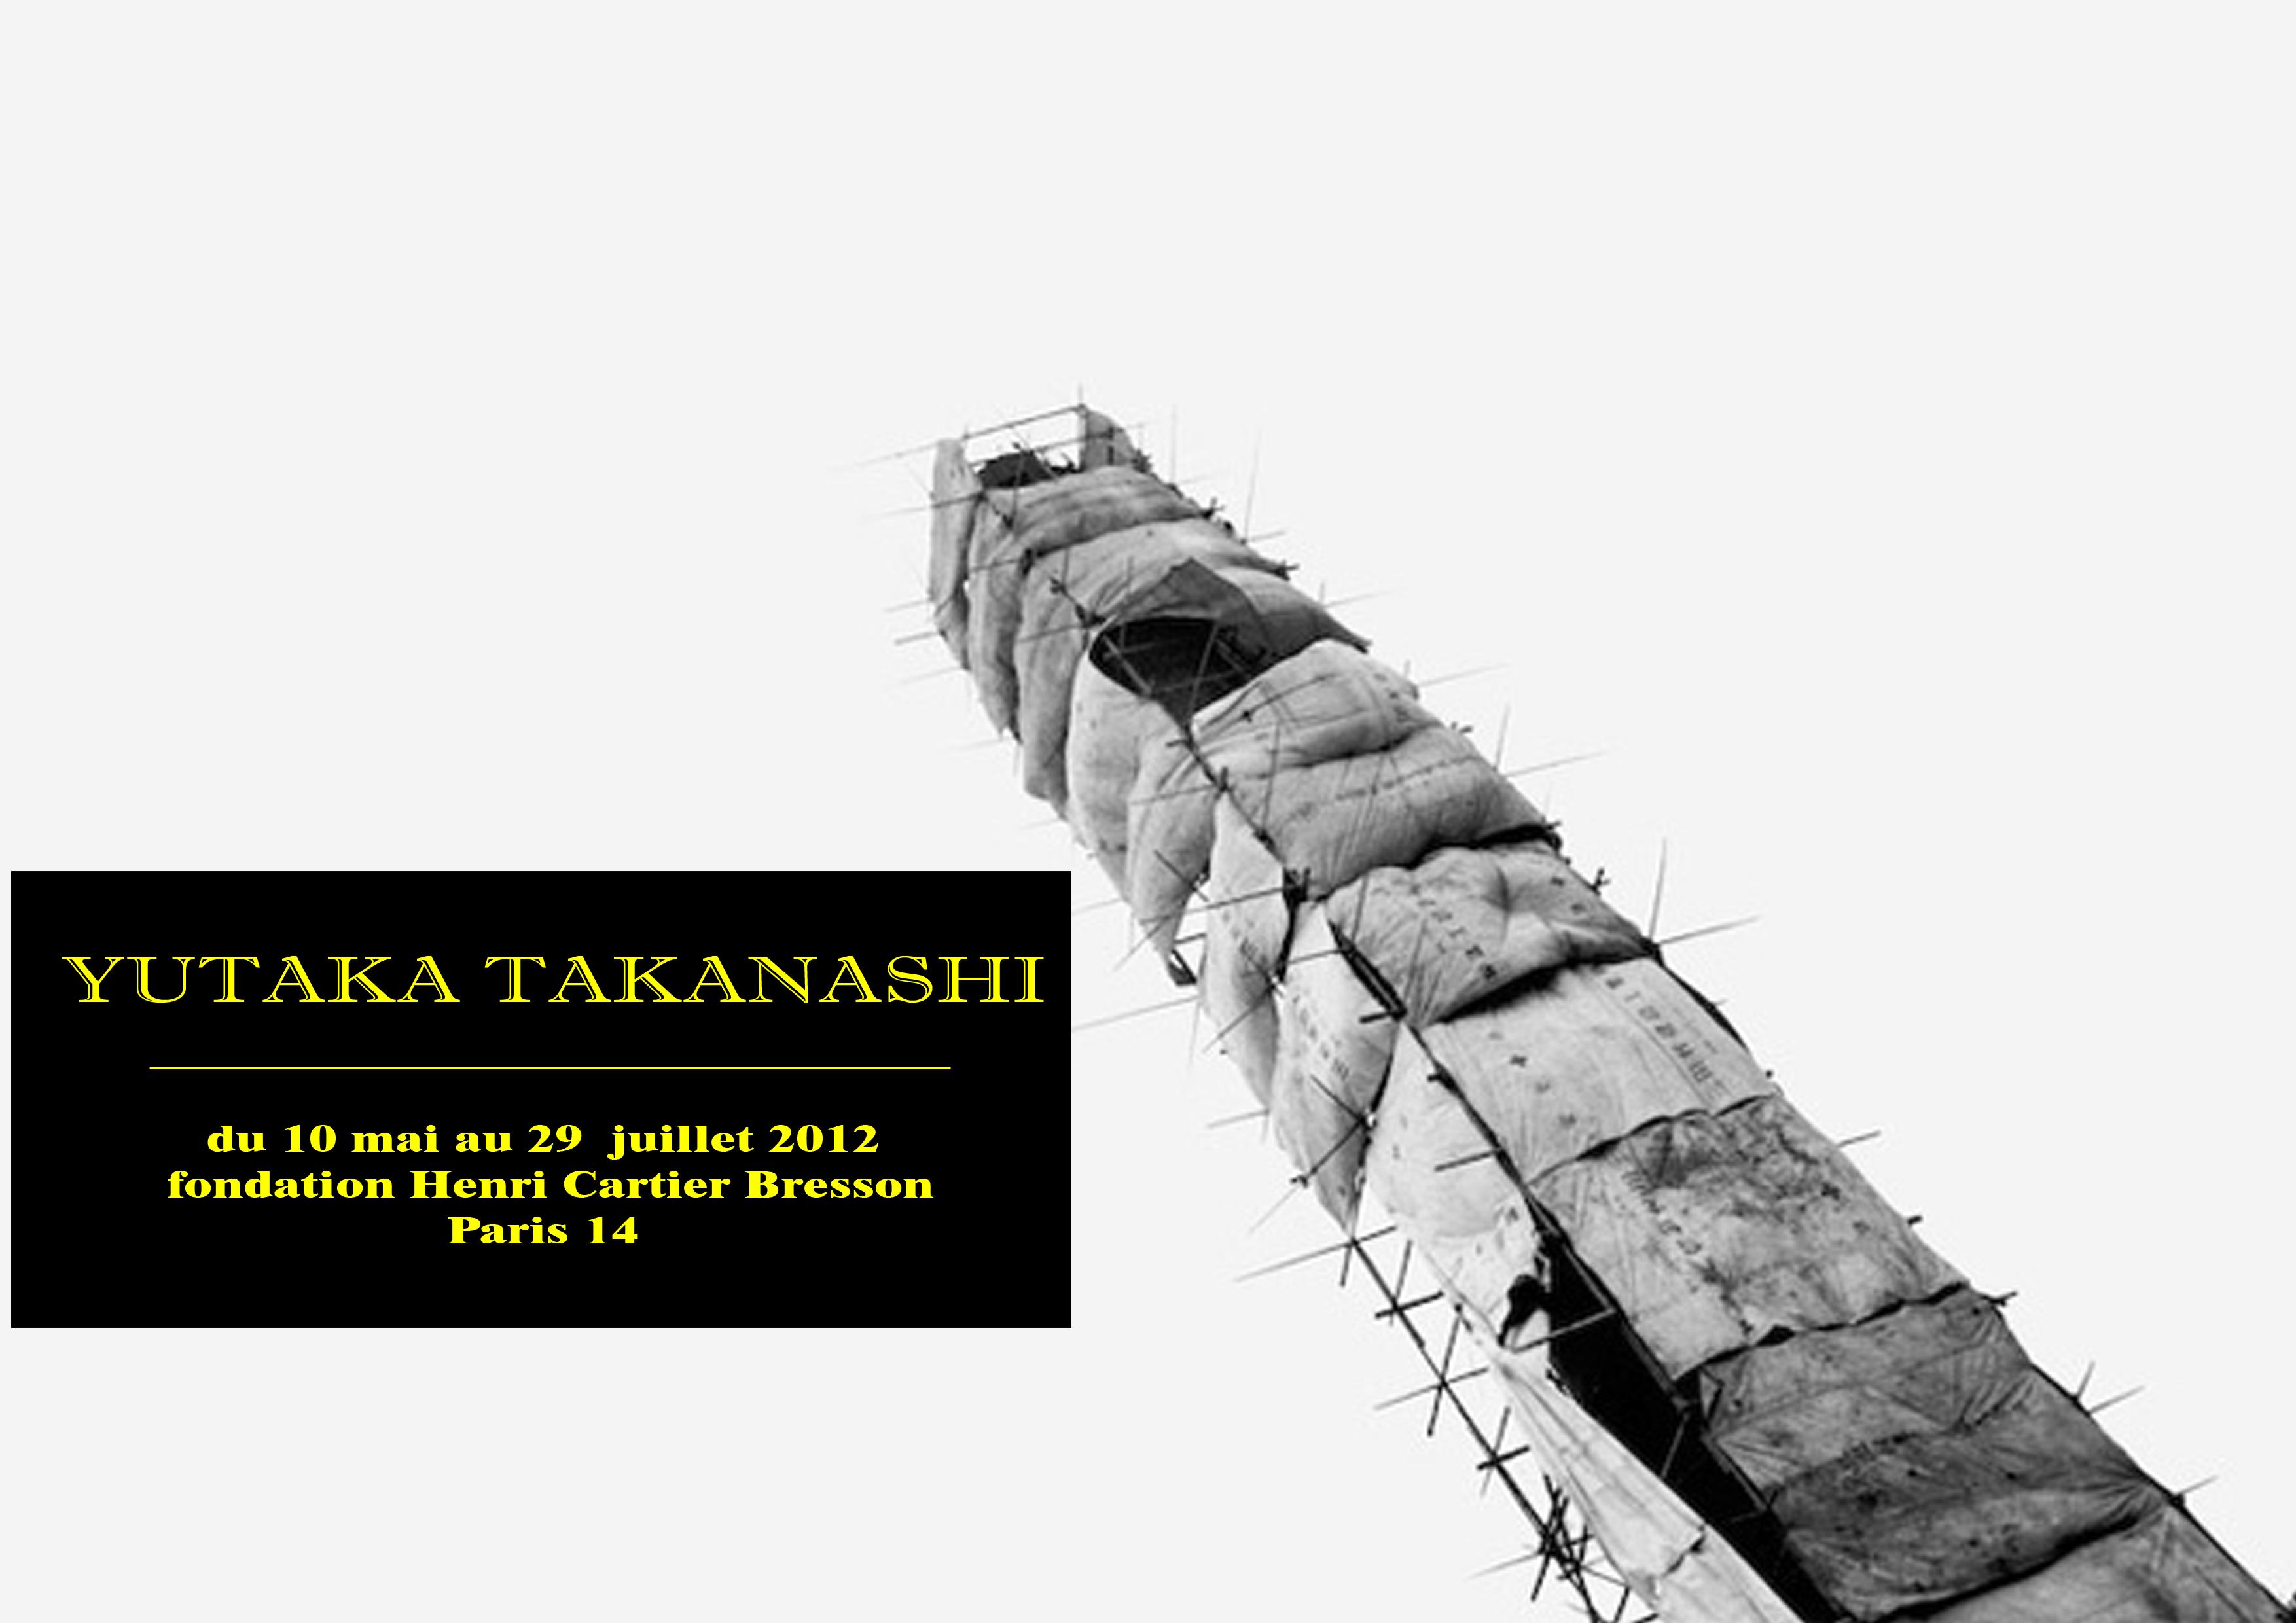 Yutaka Takanashi-expo-paris-by-le-polyedre_1